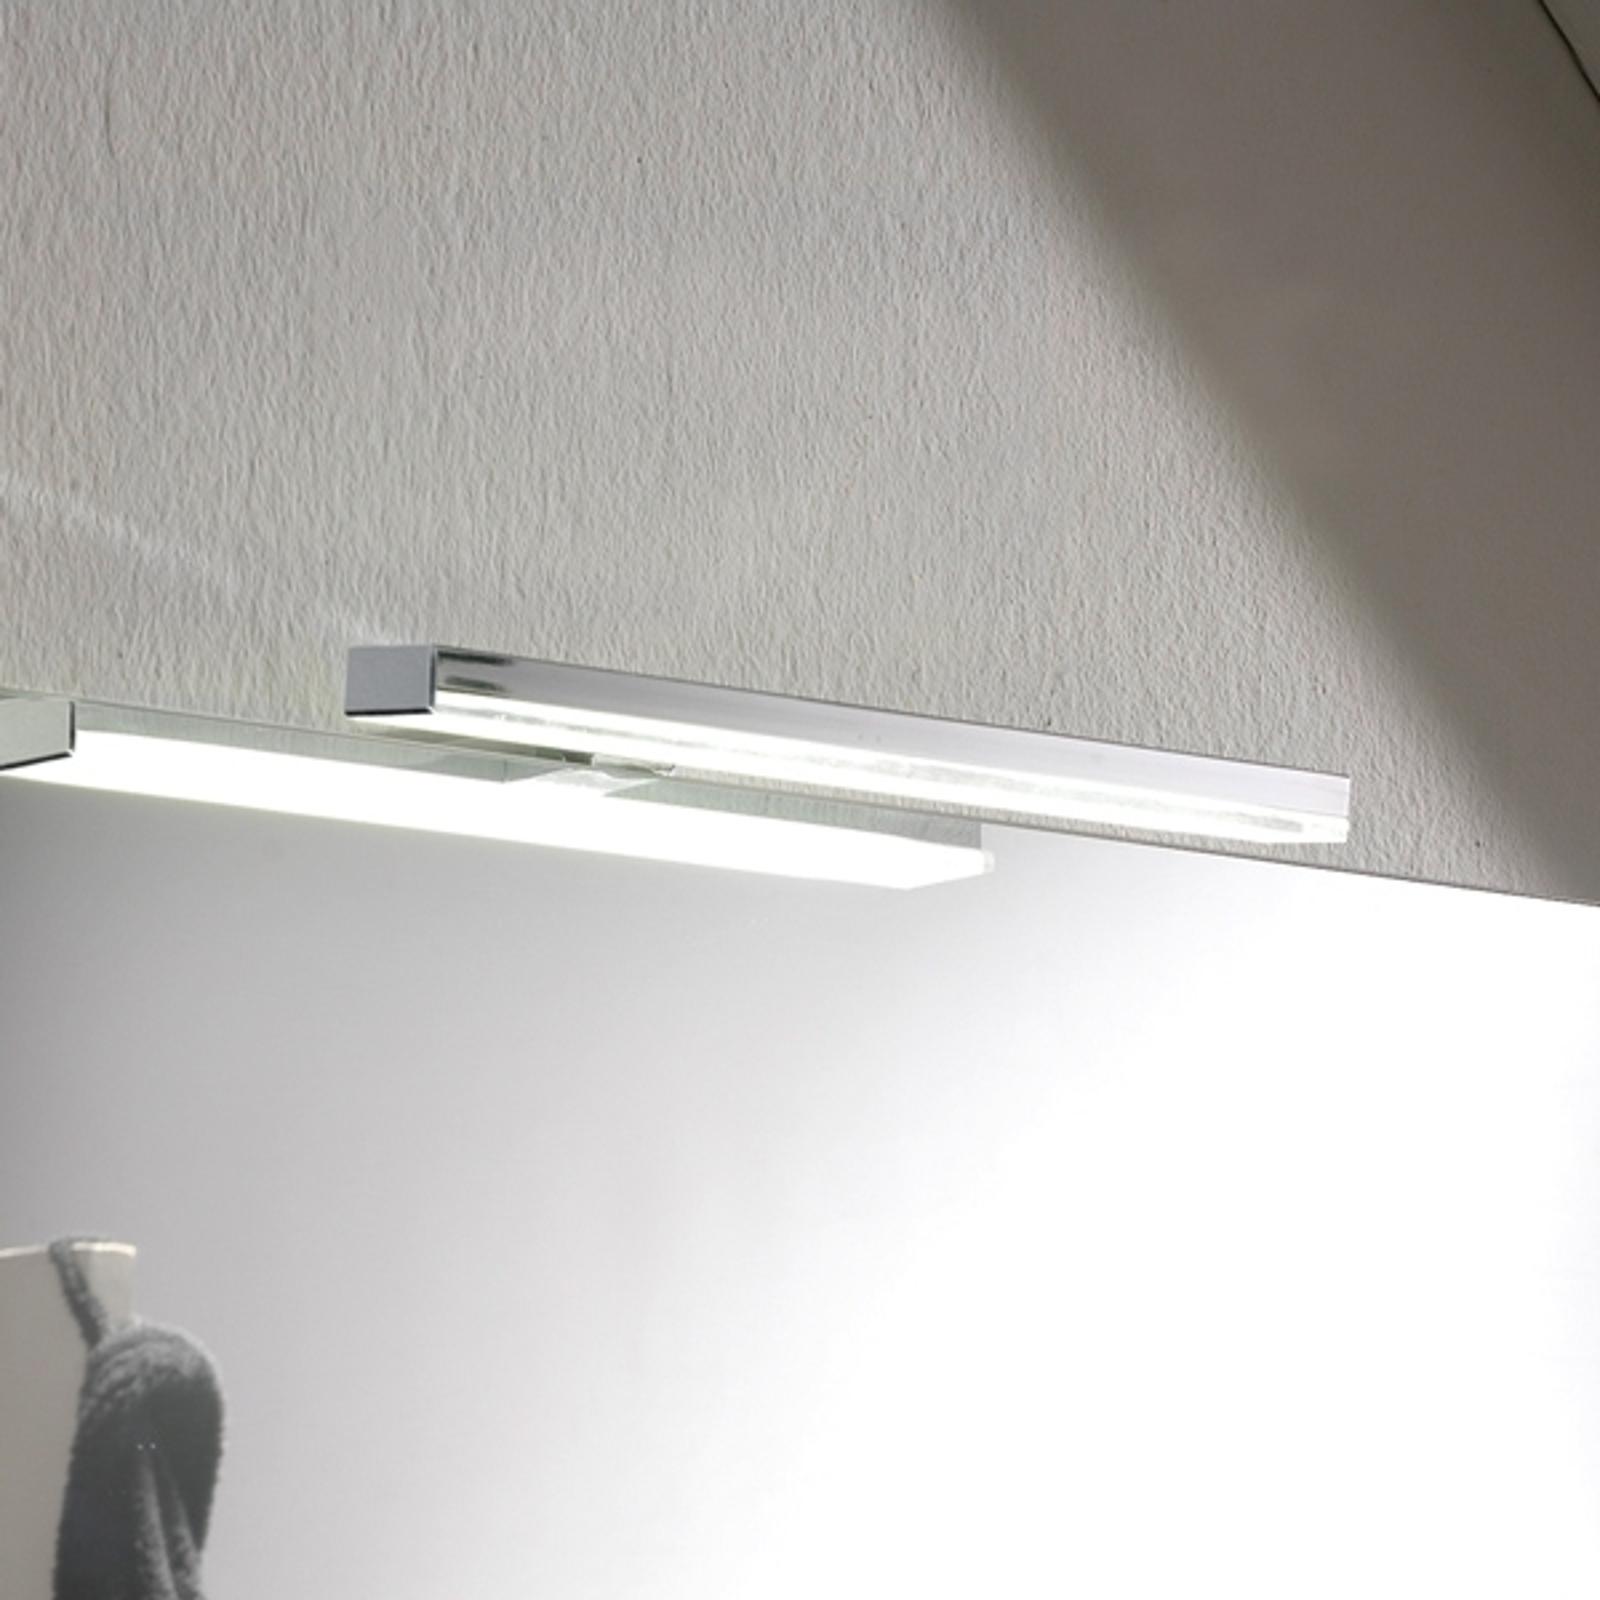 Šetriace zrkadlové LED svietidlo Esther S3, IP44_3052028_1